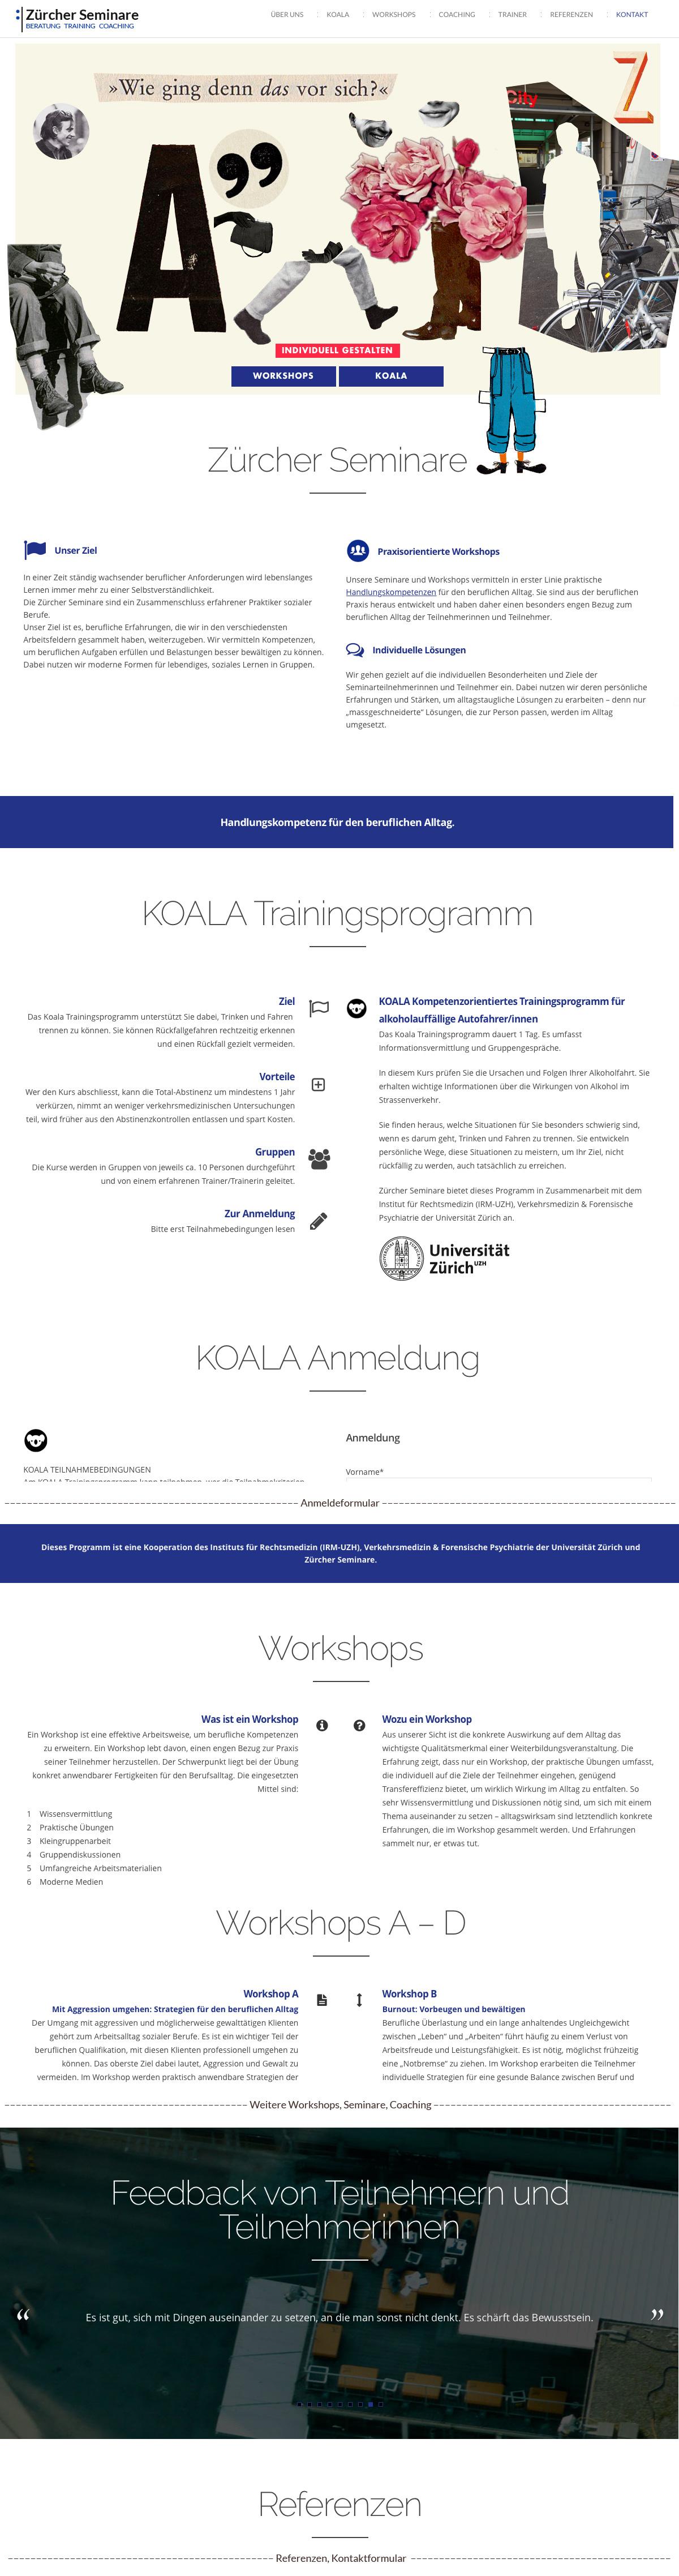 Website Zuercher Seminare